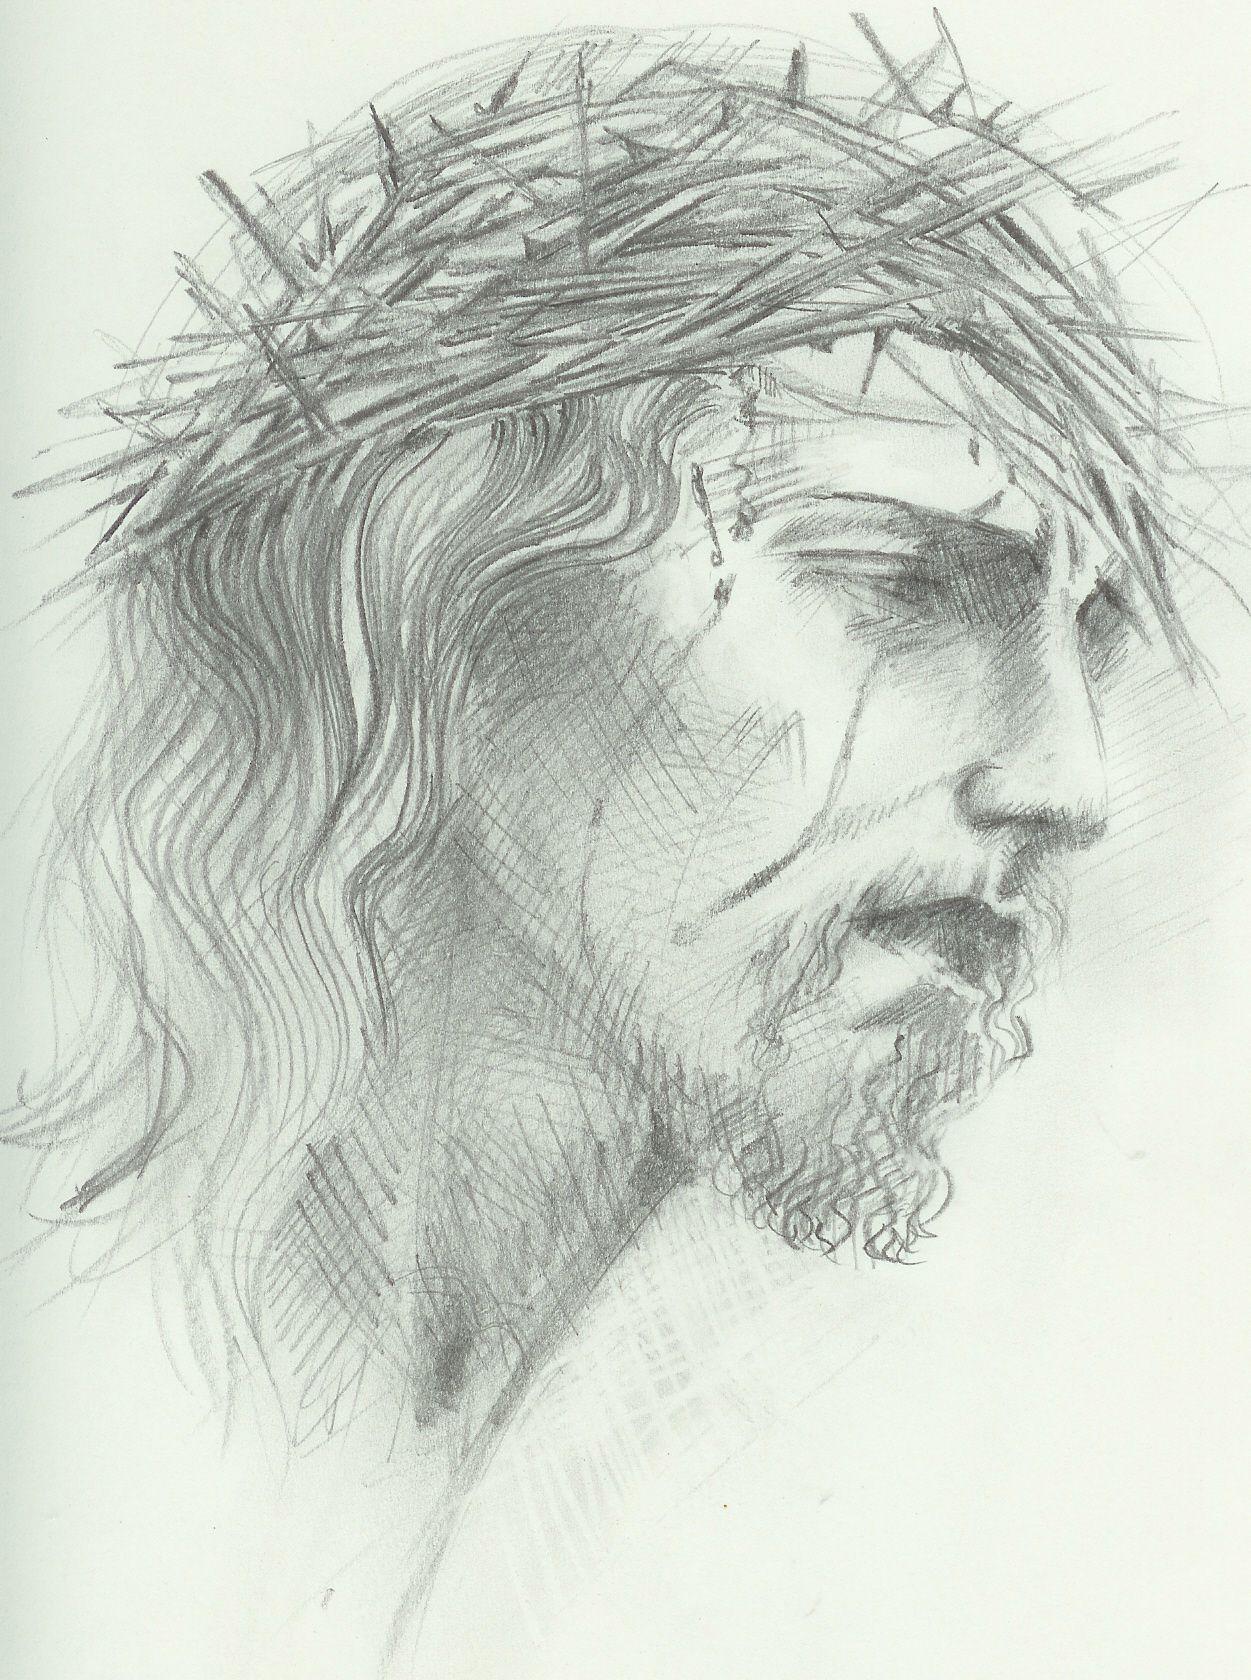 Crown of throns jesus drawings easy drawings amazing drawings pencil drawings jesus